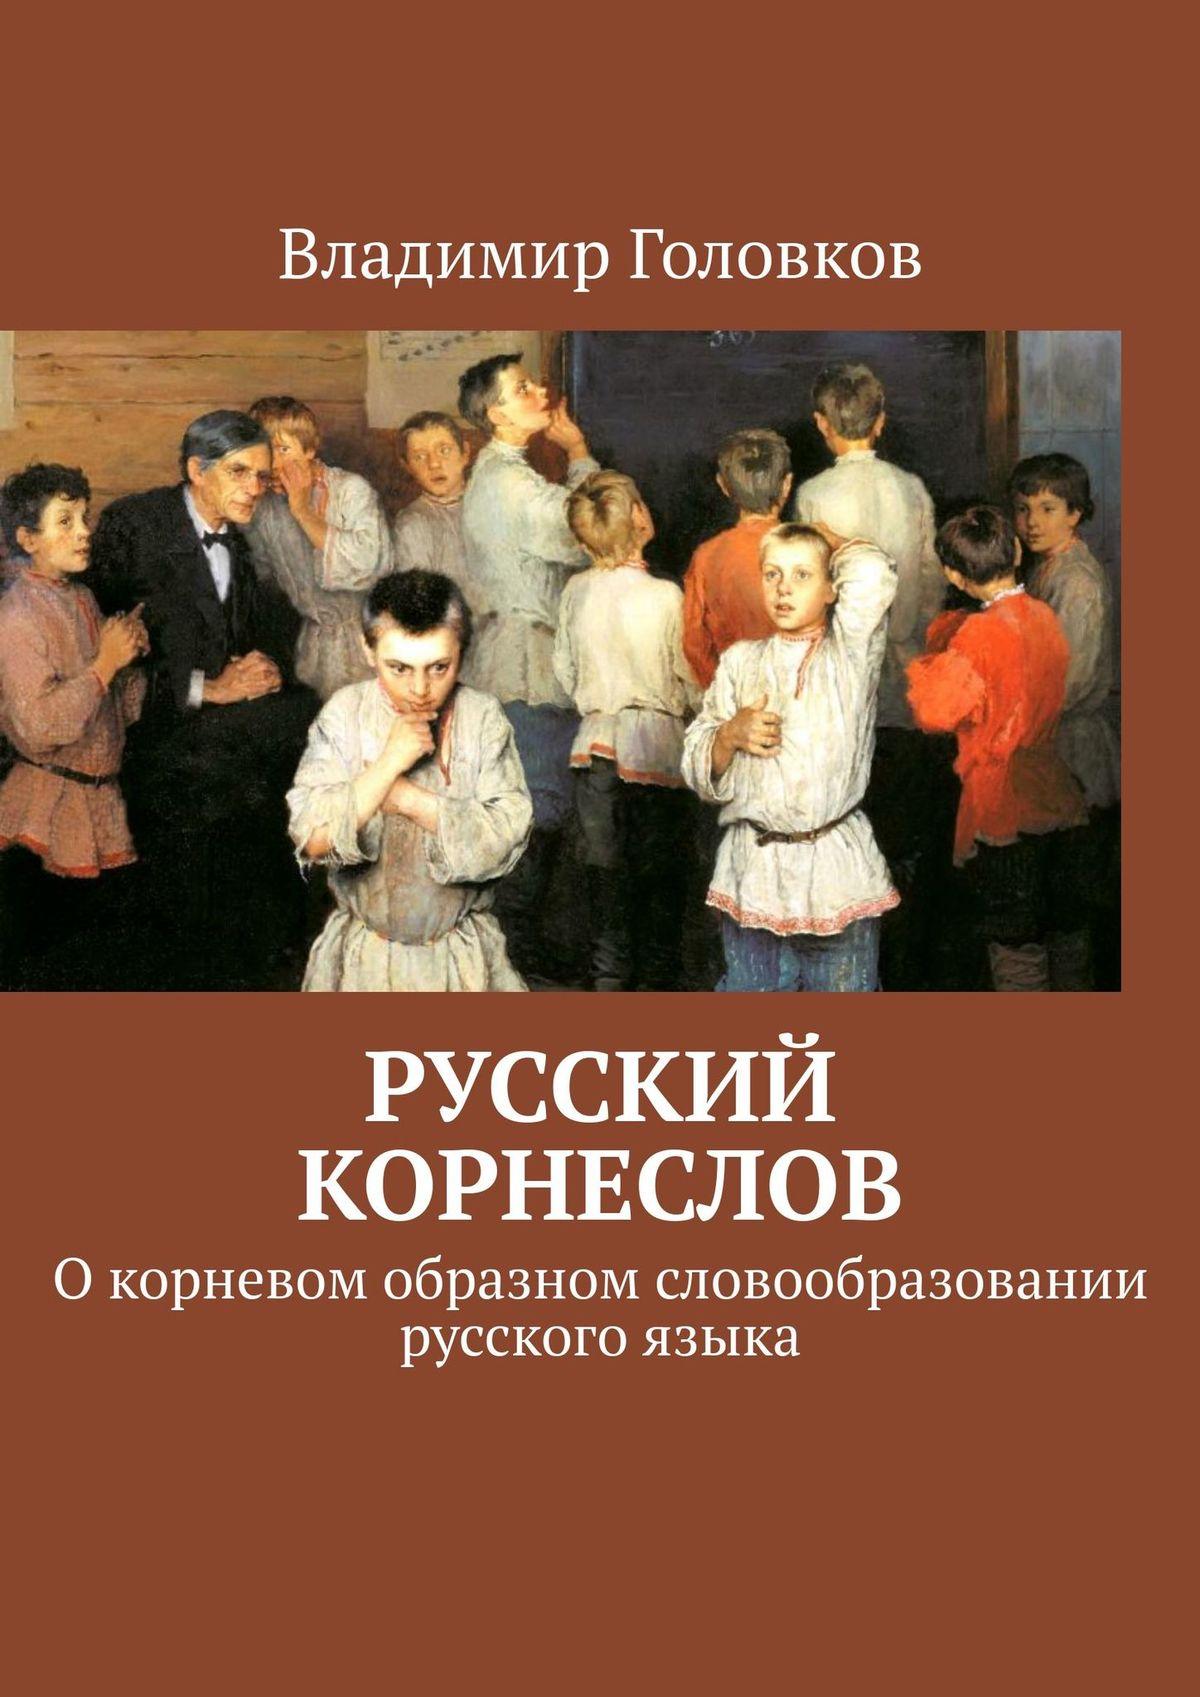 Русский корнеслов. Окорневом образном словообразовании русского языка